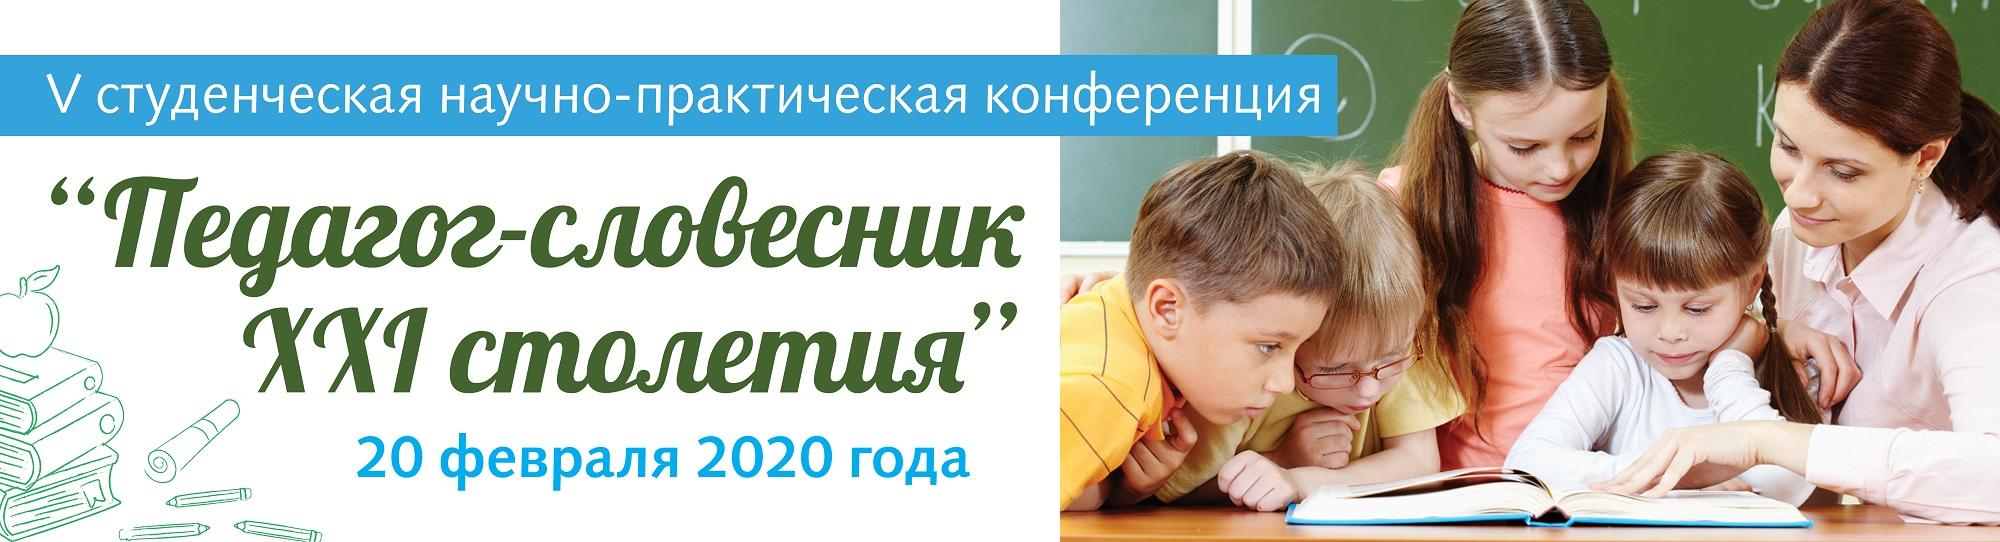 Pedagog-slovesnik-4